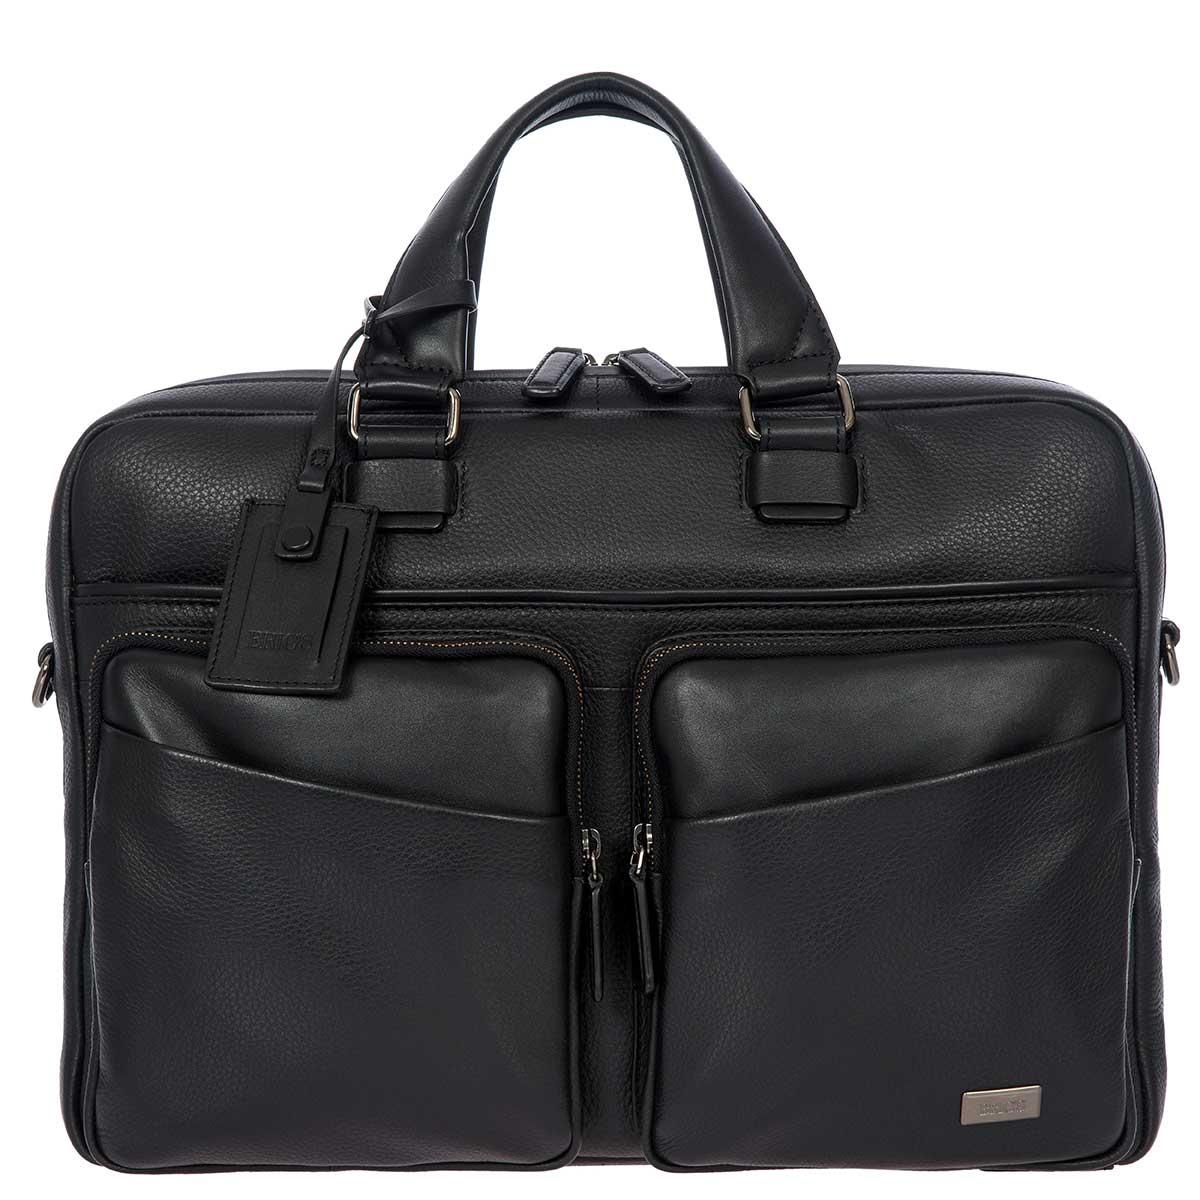 e7932d3739 Torino Business Briefcase – Black